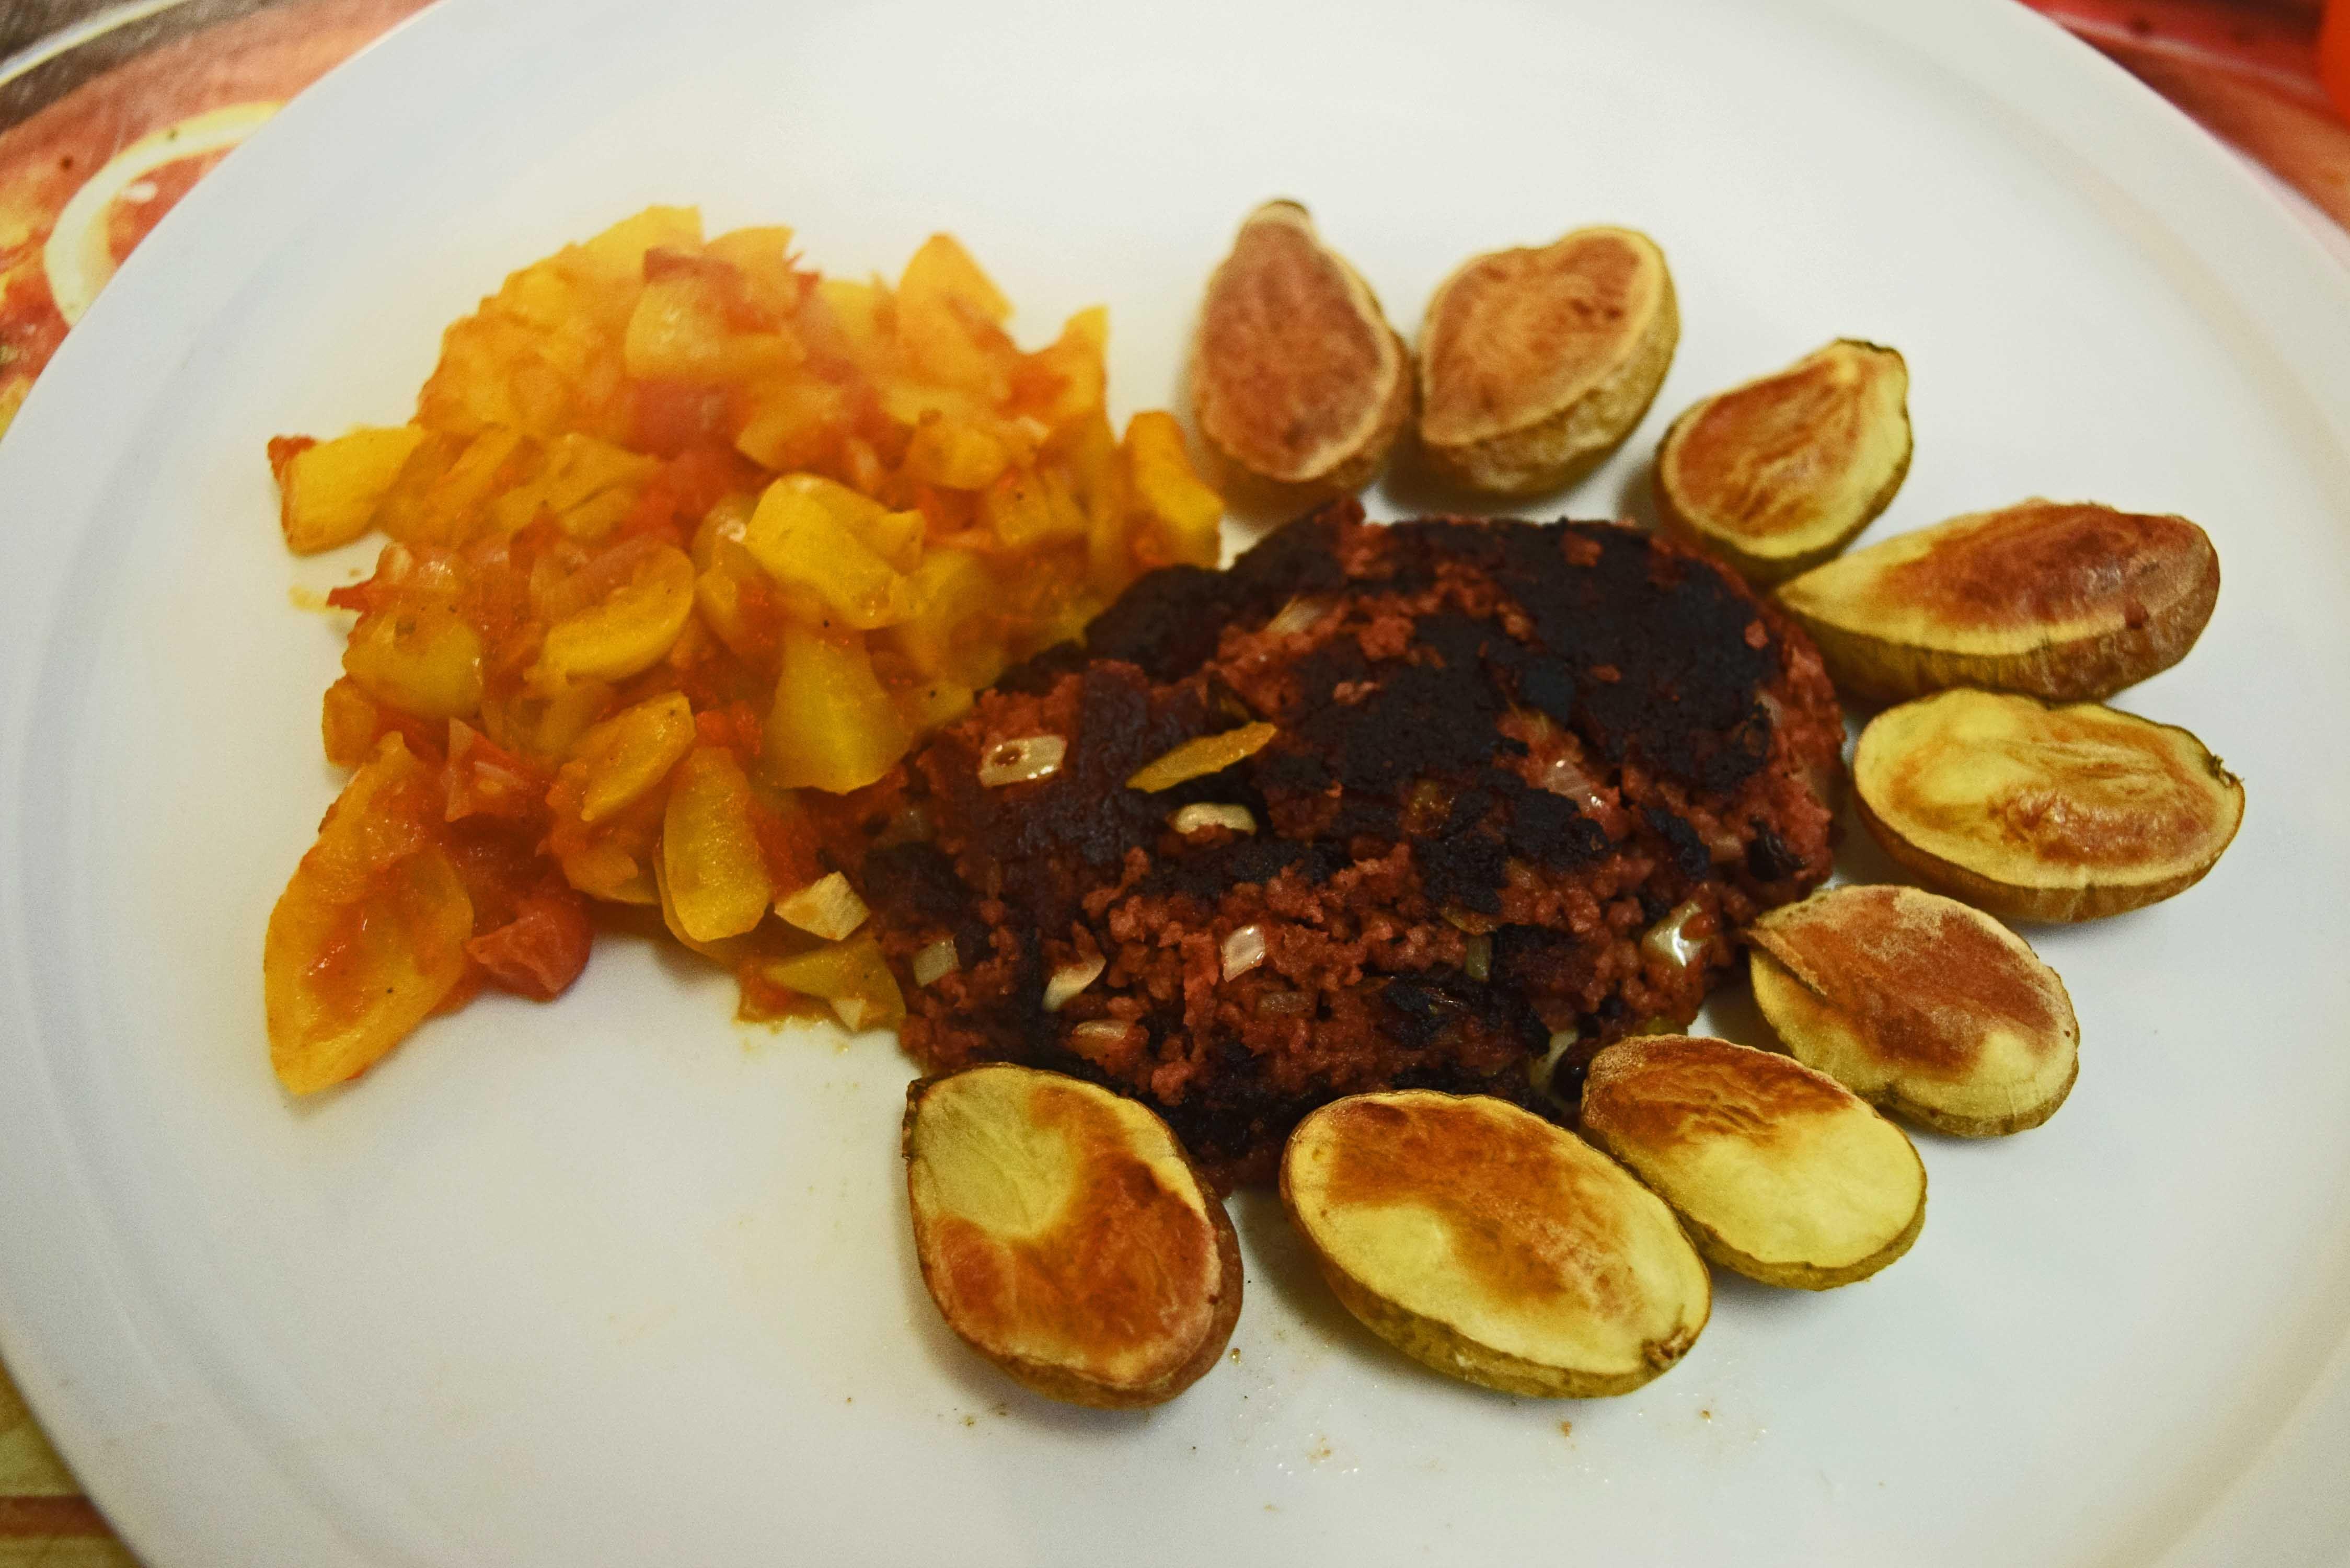 Pljeskavica Mit Sataras Und Kartoffeln Kroatisch Kochen Kroatische Rezepte Lebensmittel Essen Essen